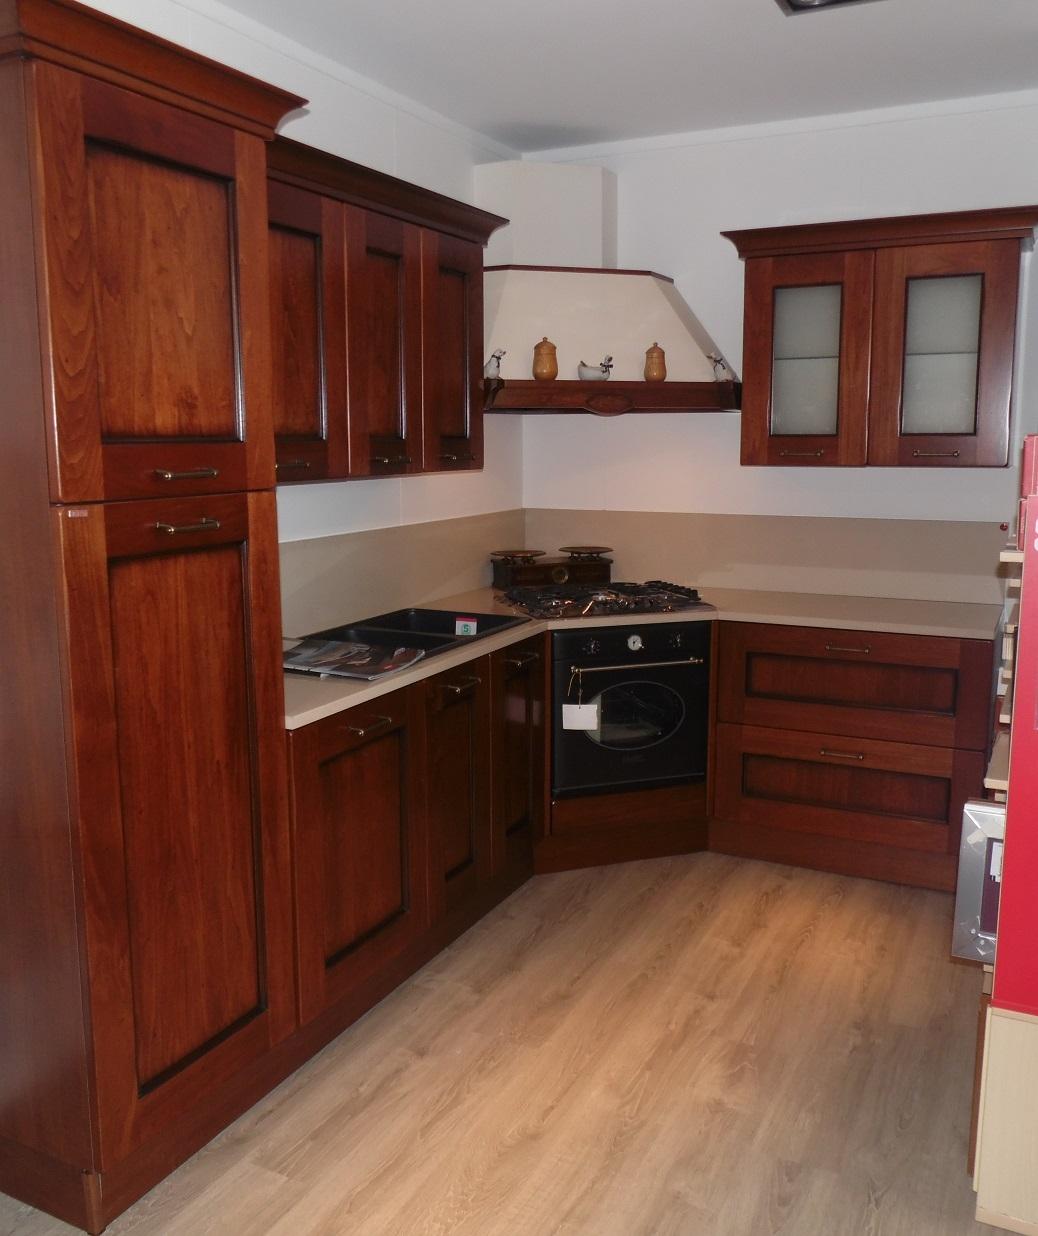 Best cucine ad angolo scavolini photos ideas design - Cucine classiche scavolini ...